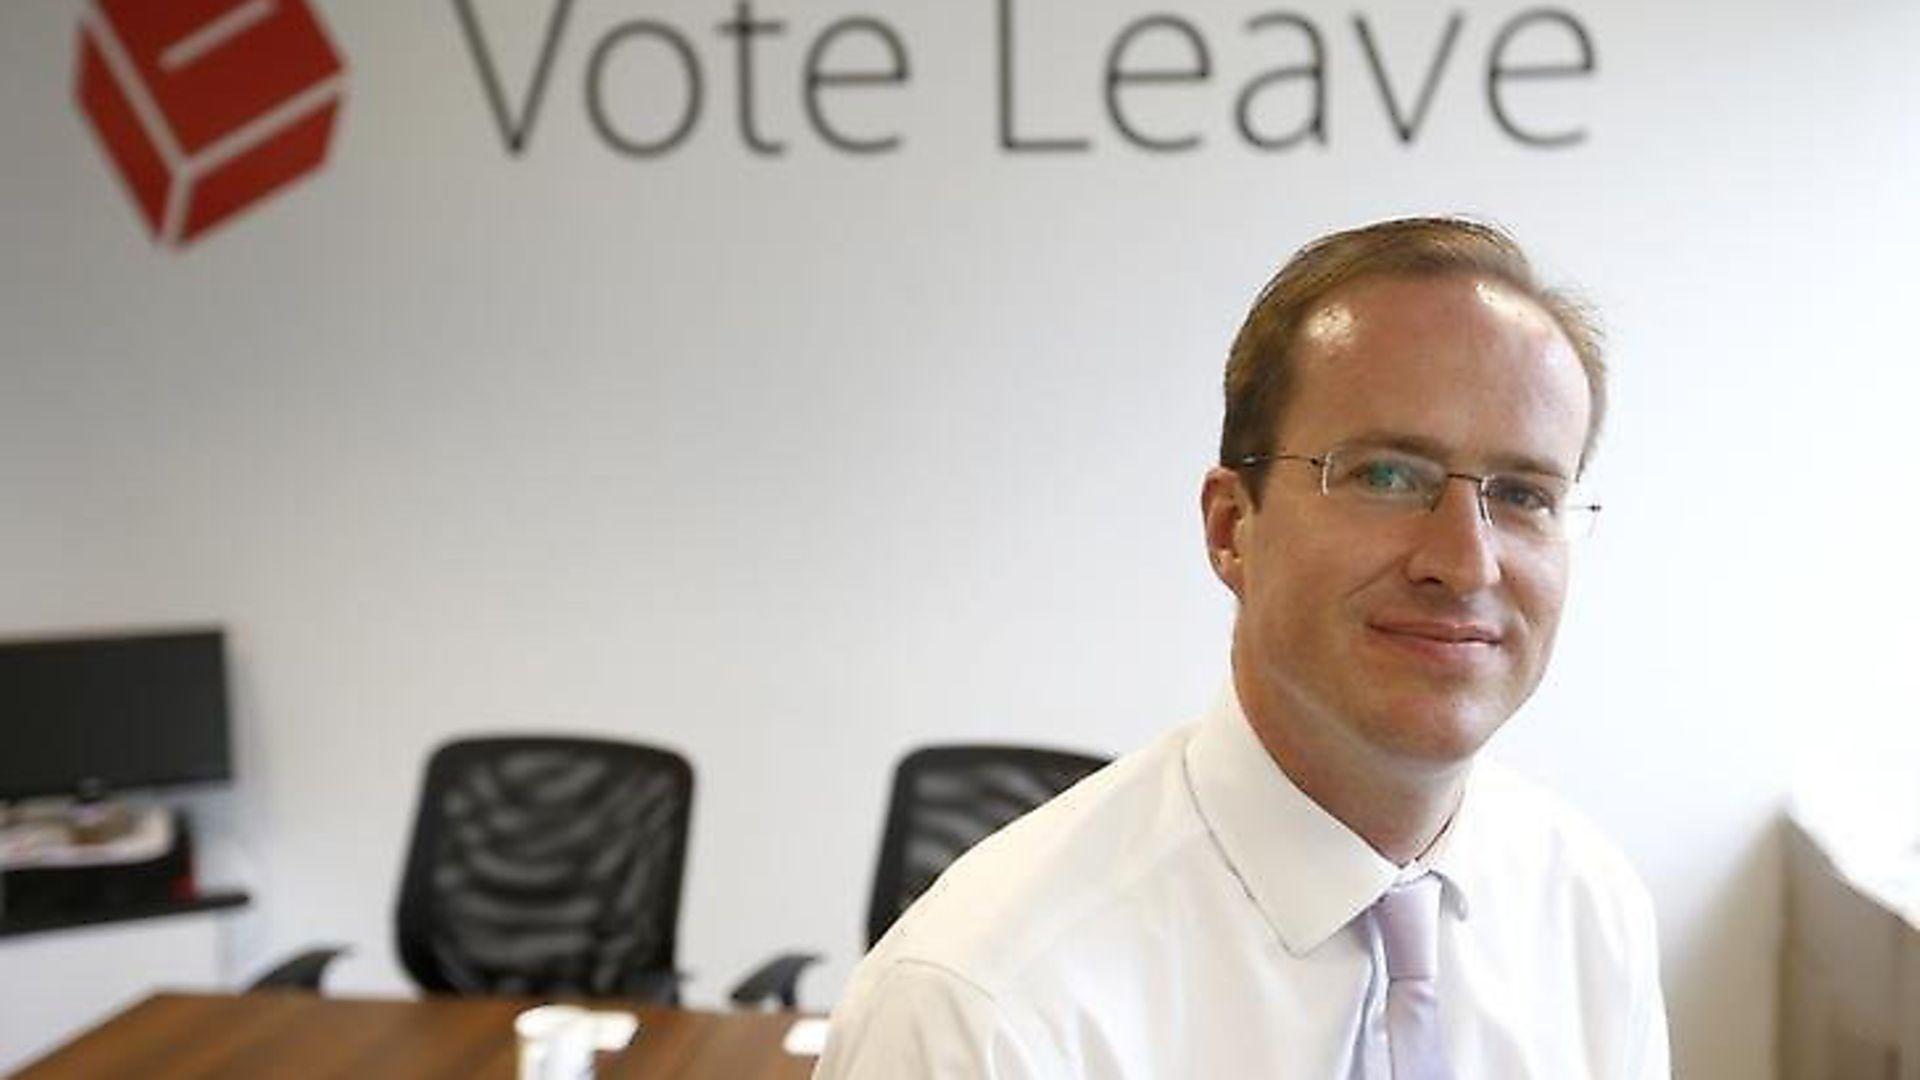 Vote Leave architect Matthew Elliott. Photograph: Vote Leave. - Credit: Archant